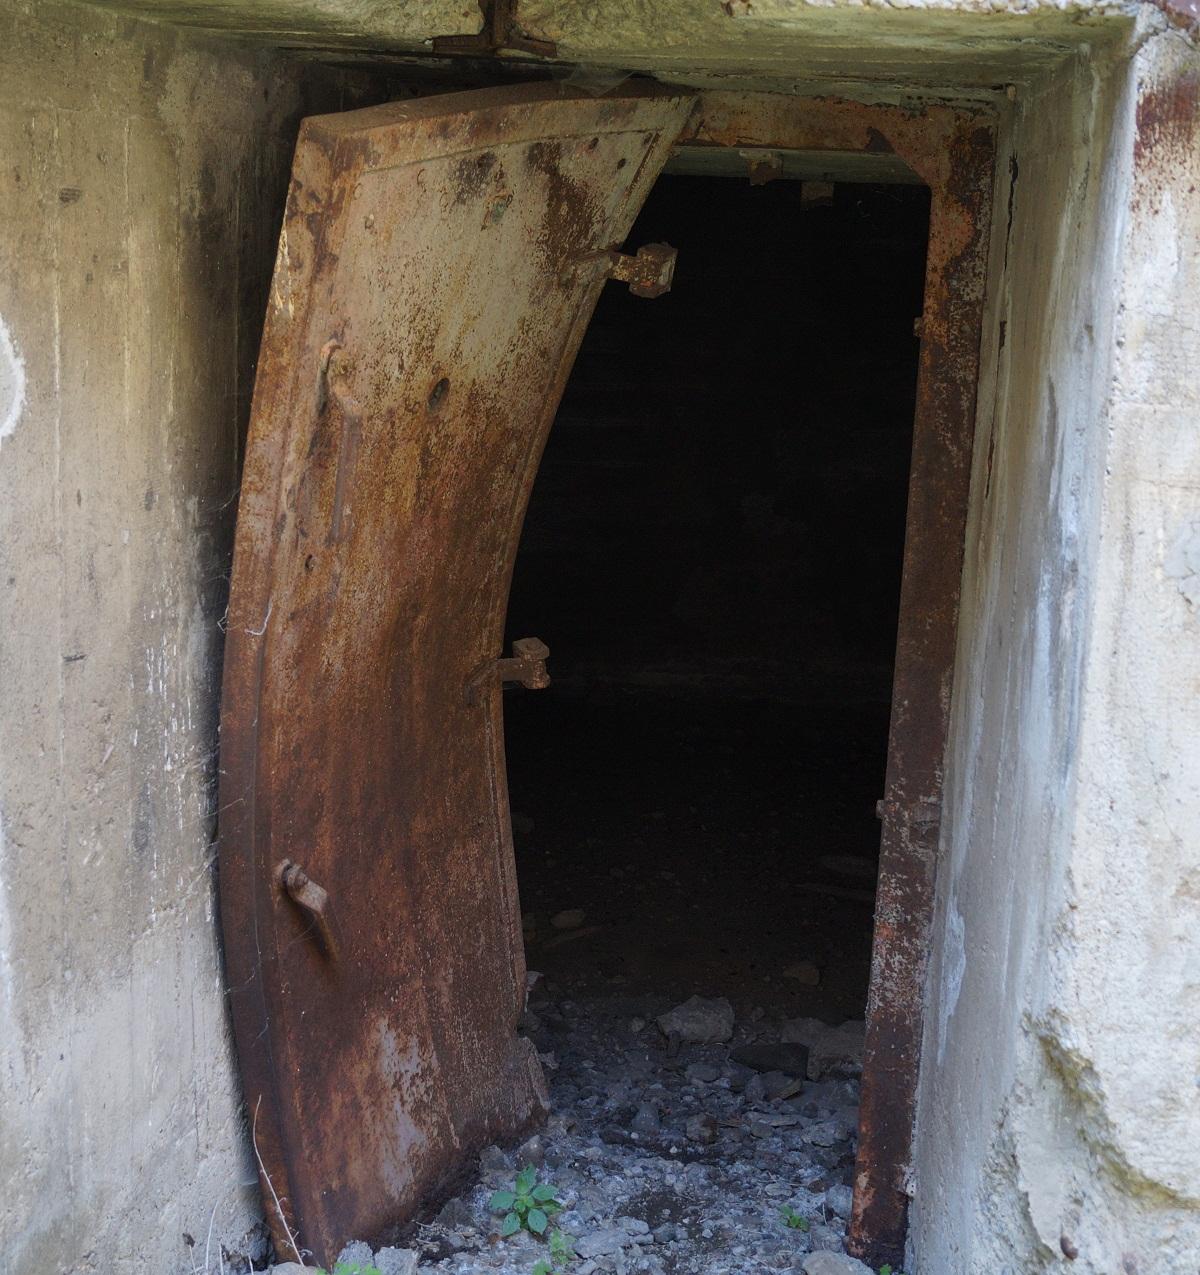 Μια βαριά θωρακισμένη πόρτα, έχει κυριολεκτικά λυγίσει, από έκρηξη στο εσωτερικό. Εντούτοις, τα πέριξ τοιχώματα είναι ανέπαφα. Δείγμα της στιβαρότητας της κατασκευής.